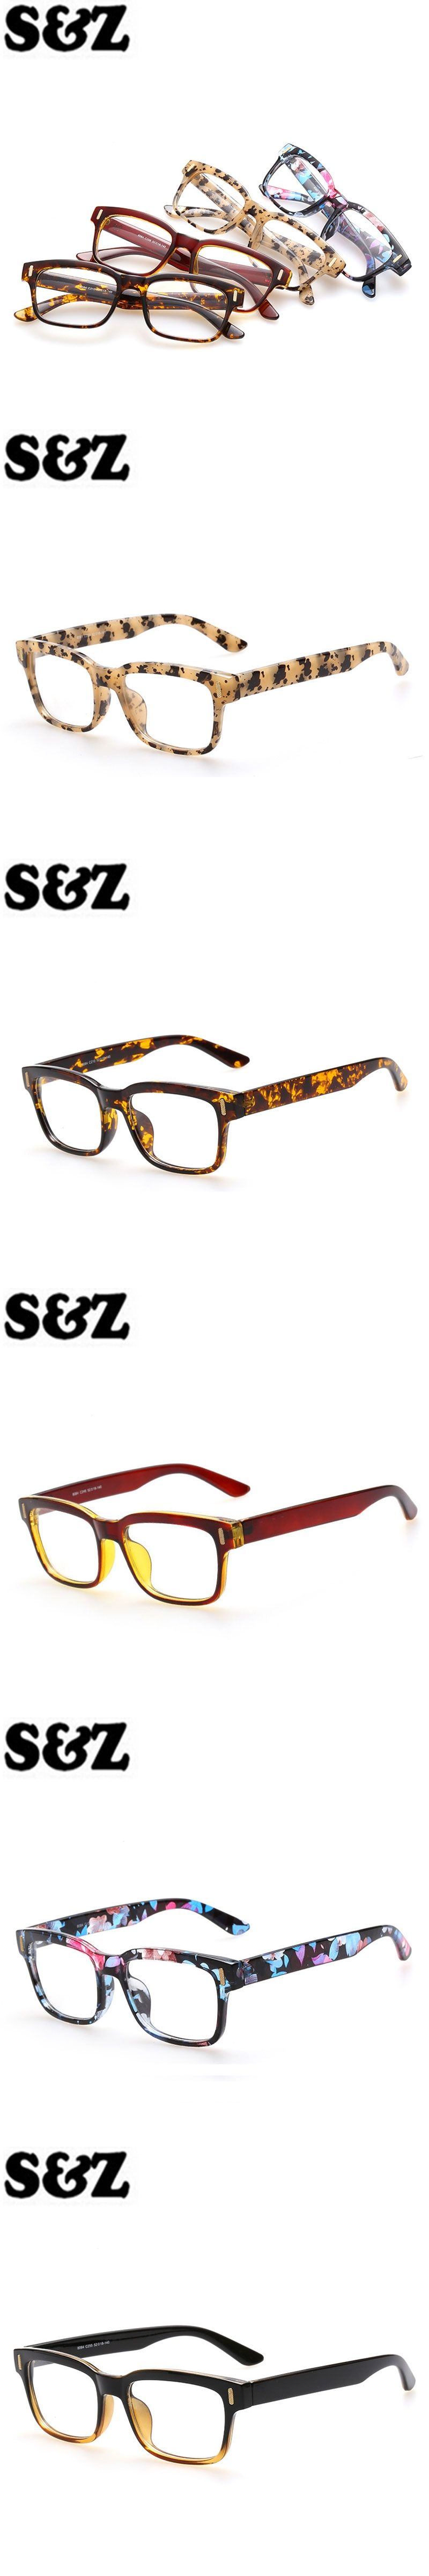 5e7dd676da9 Optical Eyewear Frame for Men Women Glasses Frames Clear Fake Glasses  Square Eye glasses Mirror Retro